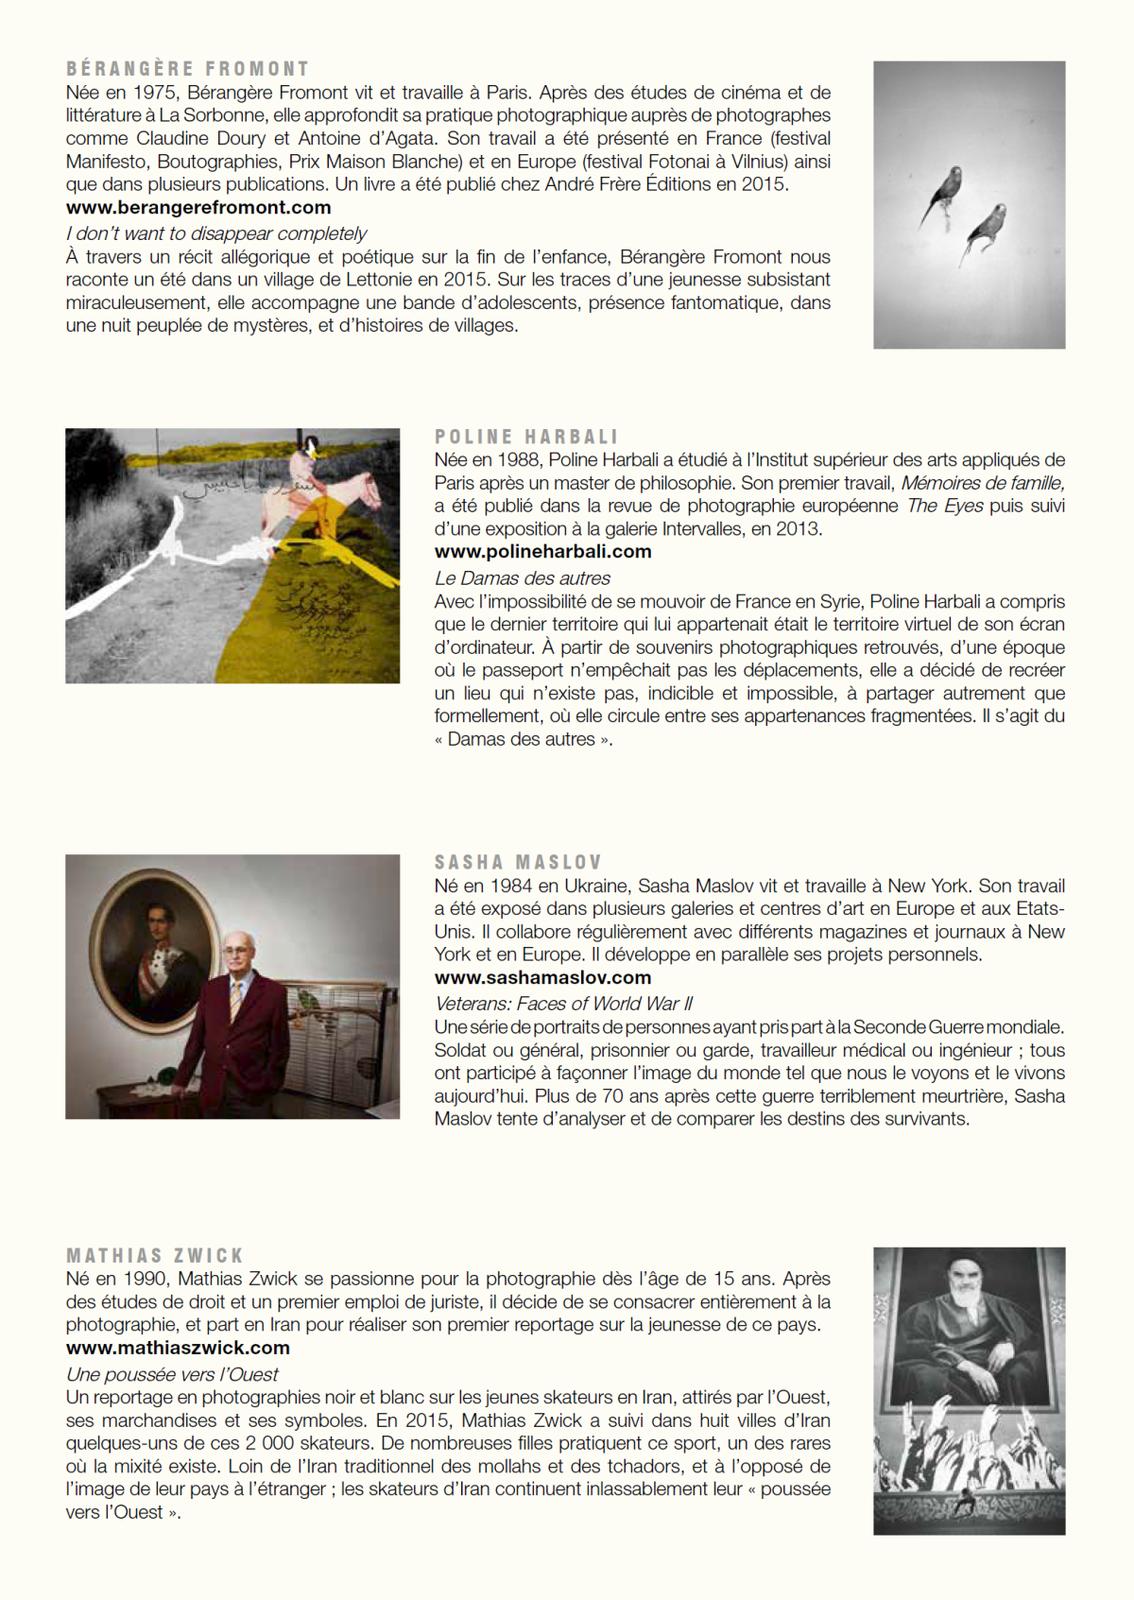 Cinq jeunes talents exposent leurs œuvres photographiques à Clermont-Ferrand